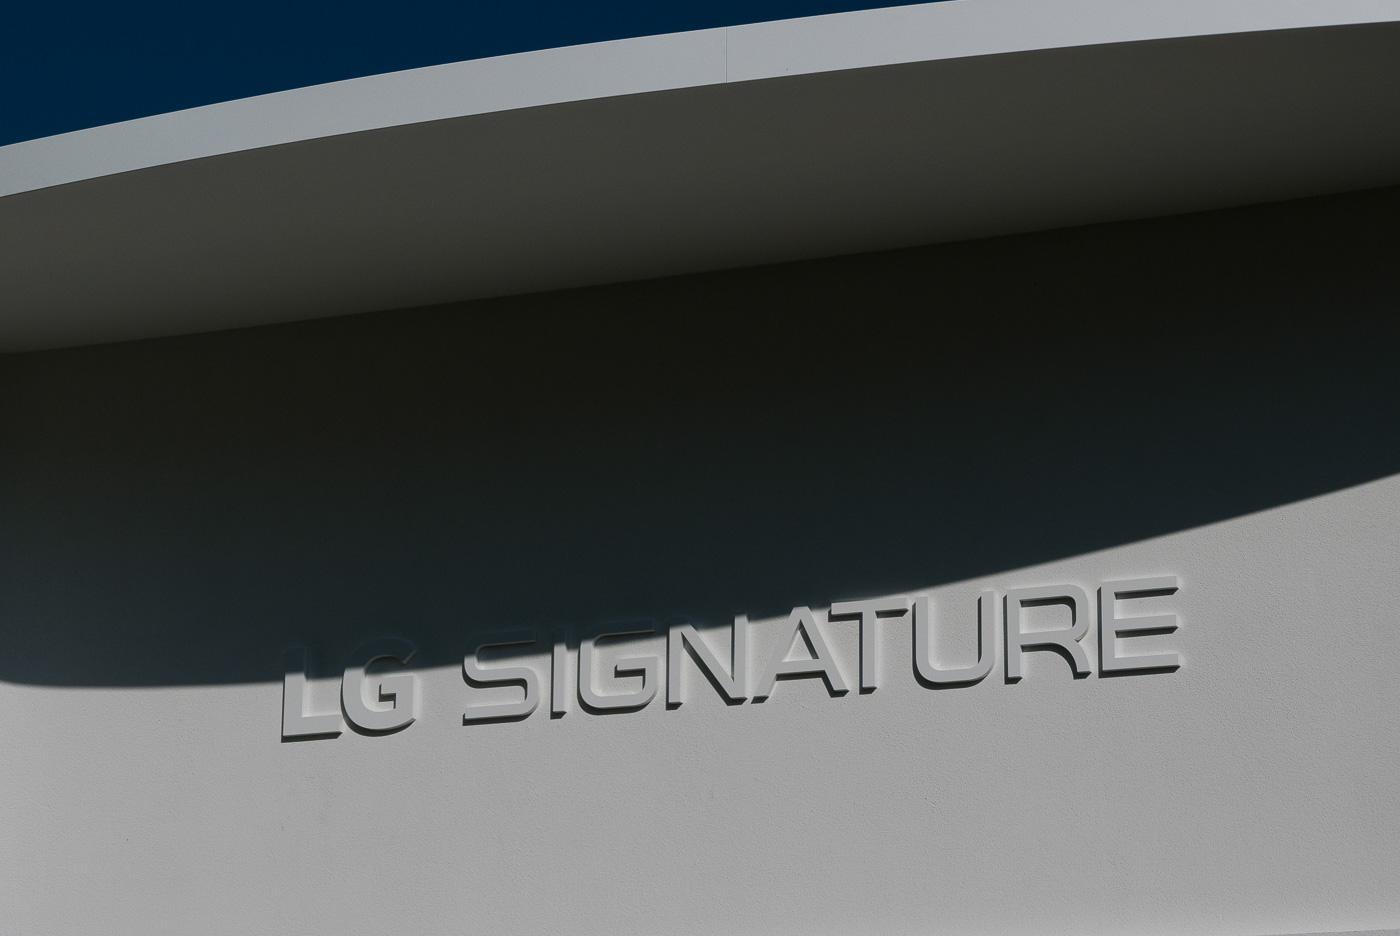 lg-signature-1